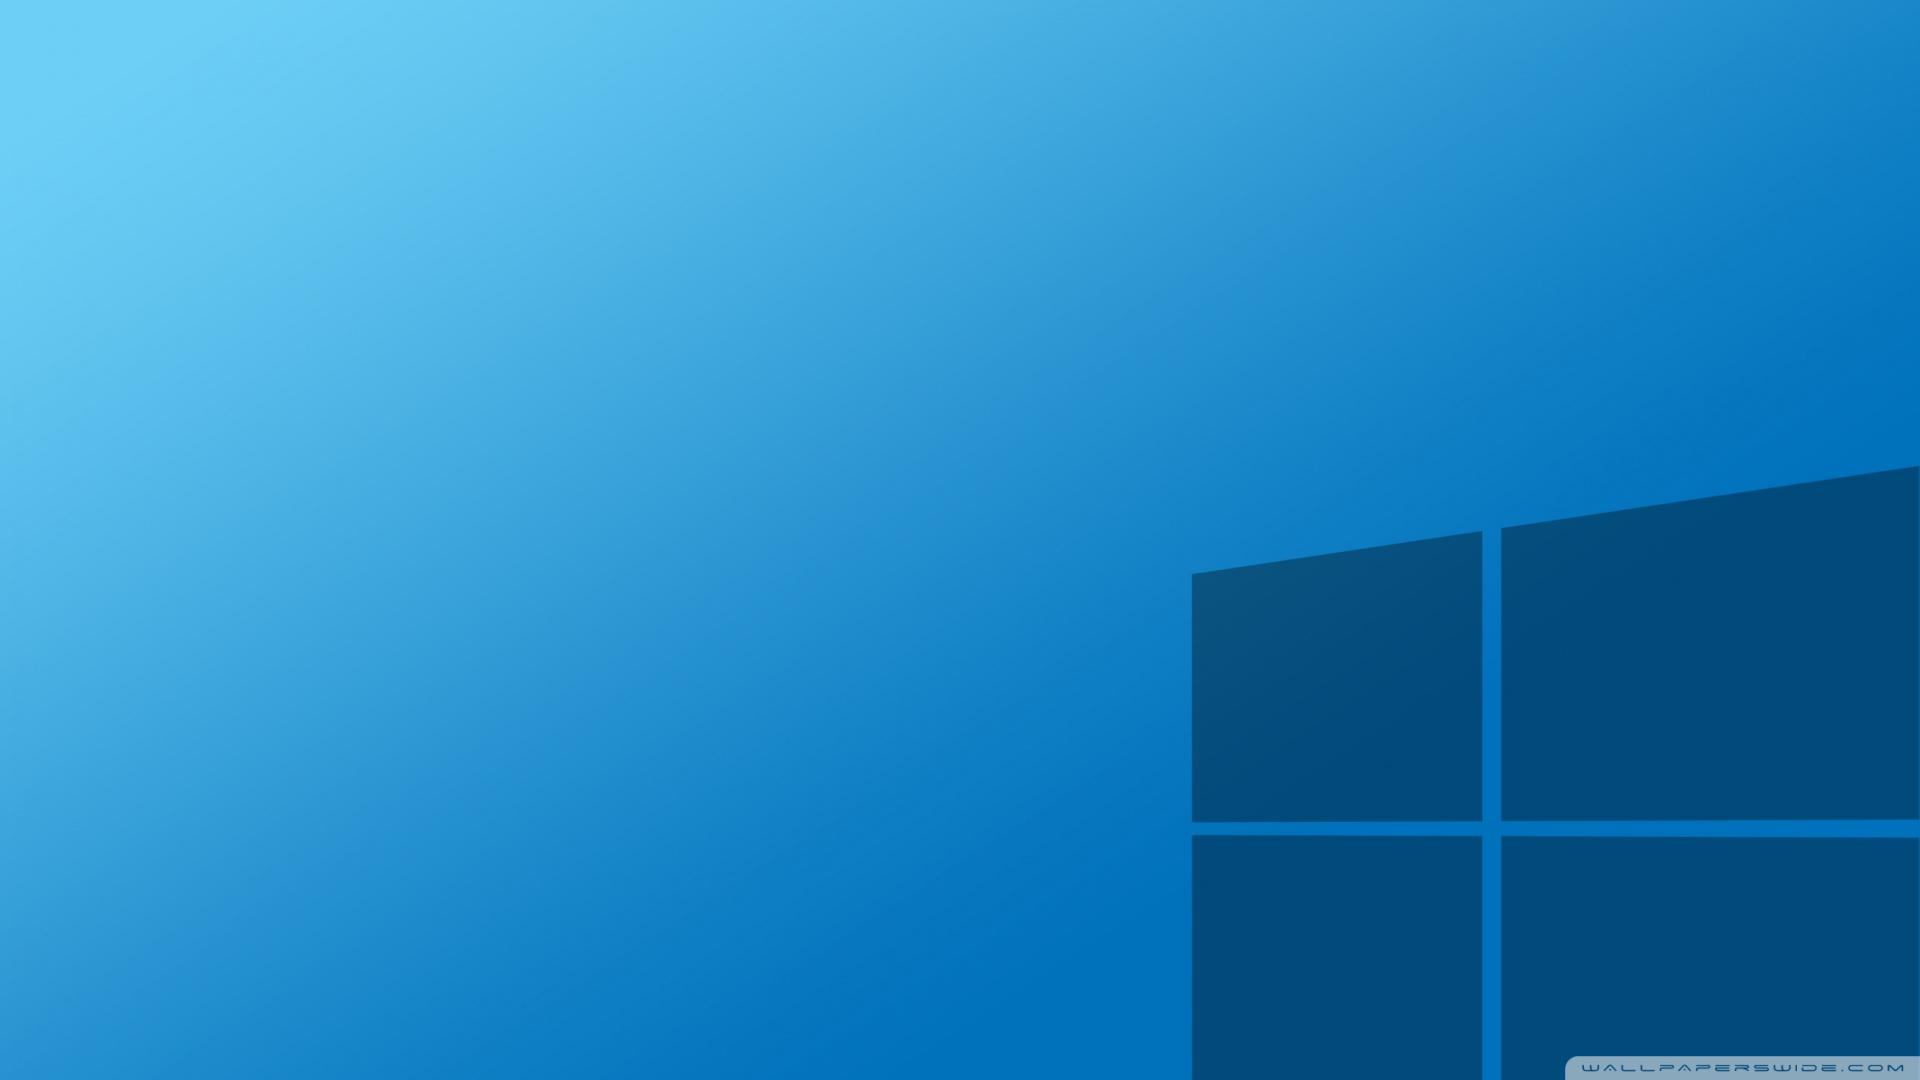 windows 10 desktop background 1920x1080